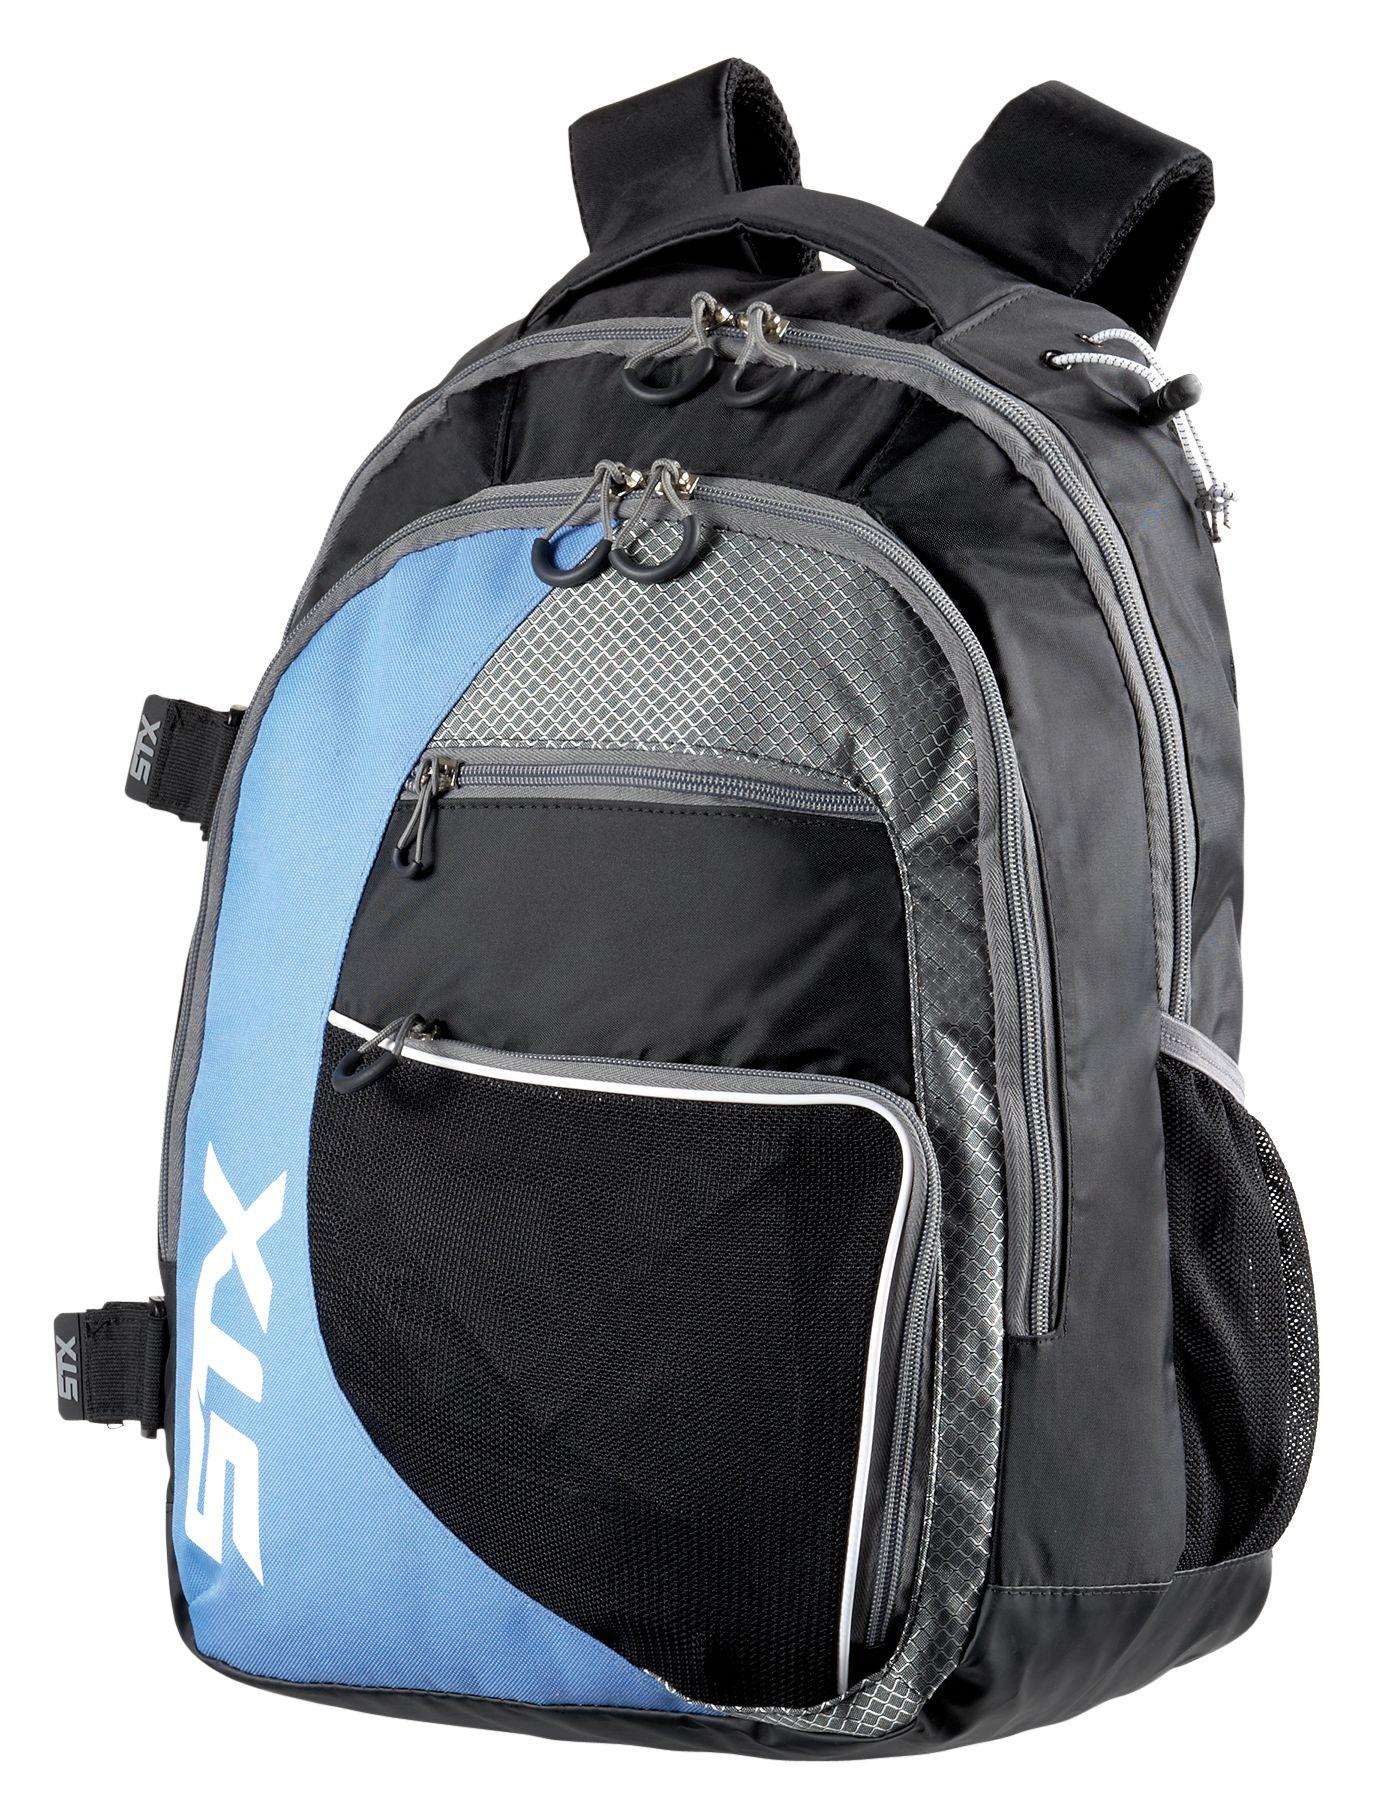 STX Sidewinder Lacrosse Backpack